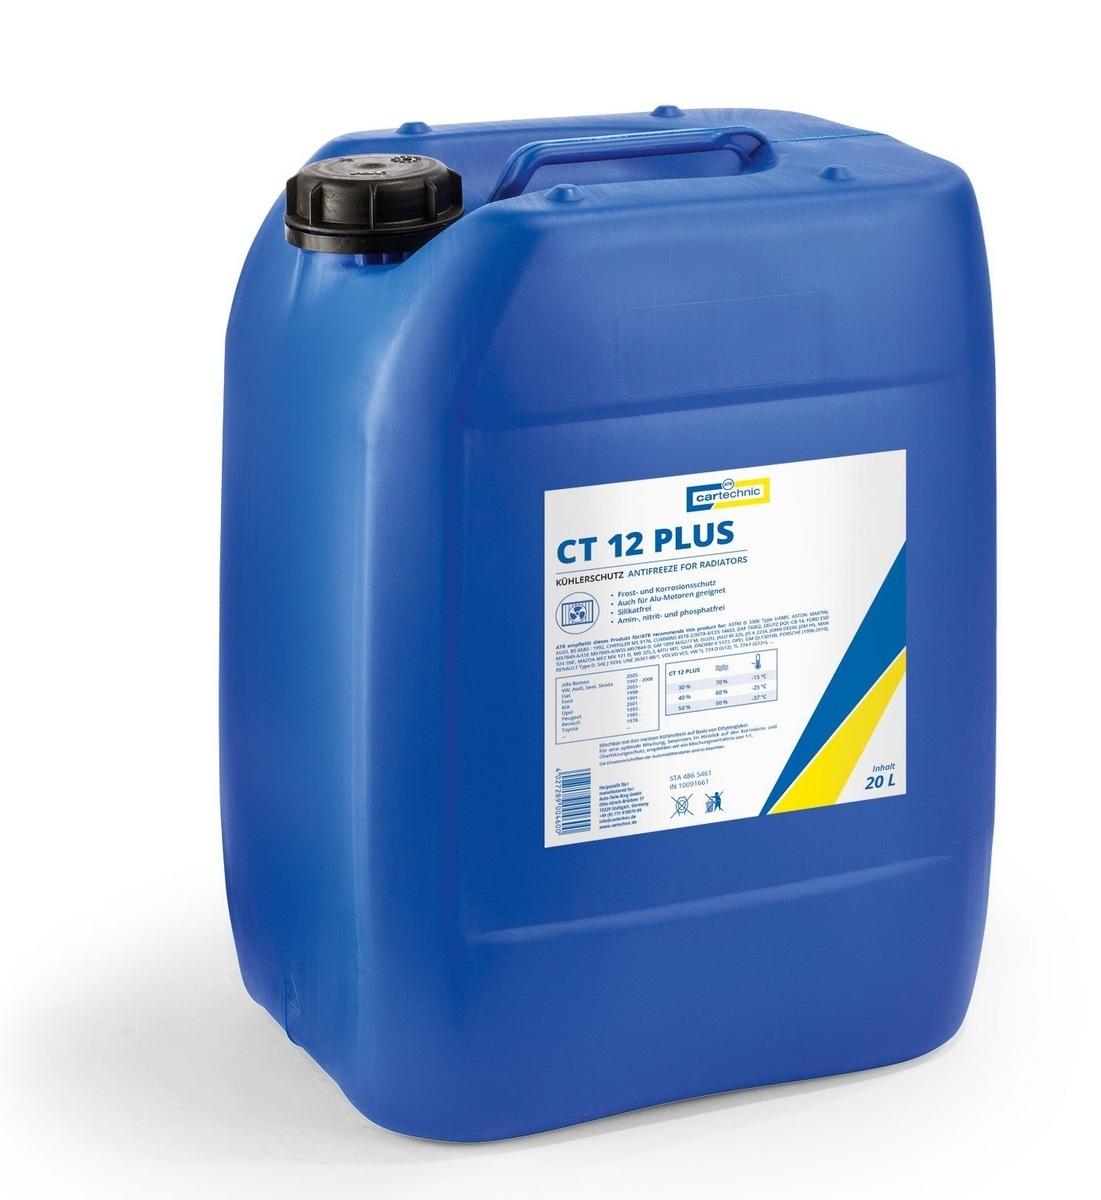 Chladicí kapalina - nemrznoucí směs CT 12 PLUS růžová, 20 litrů - Cartechnic